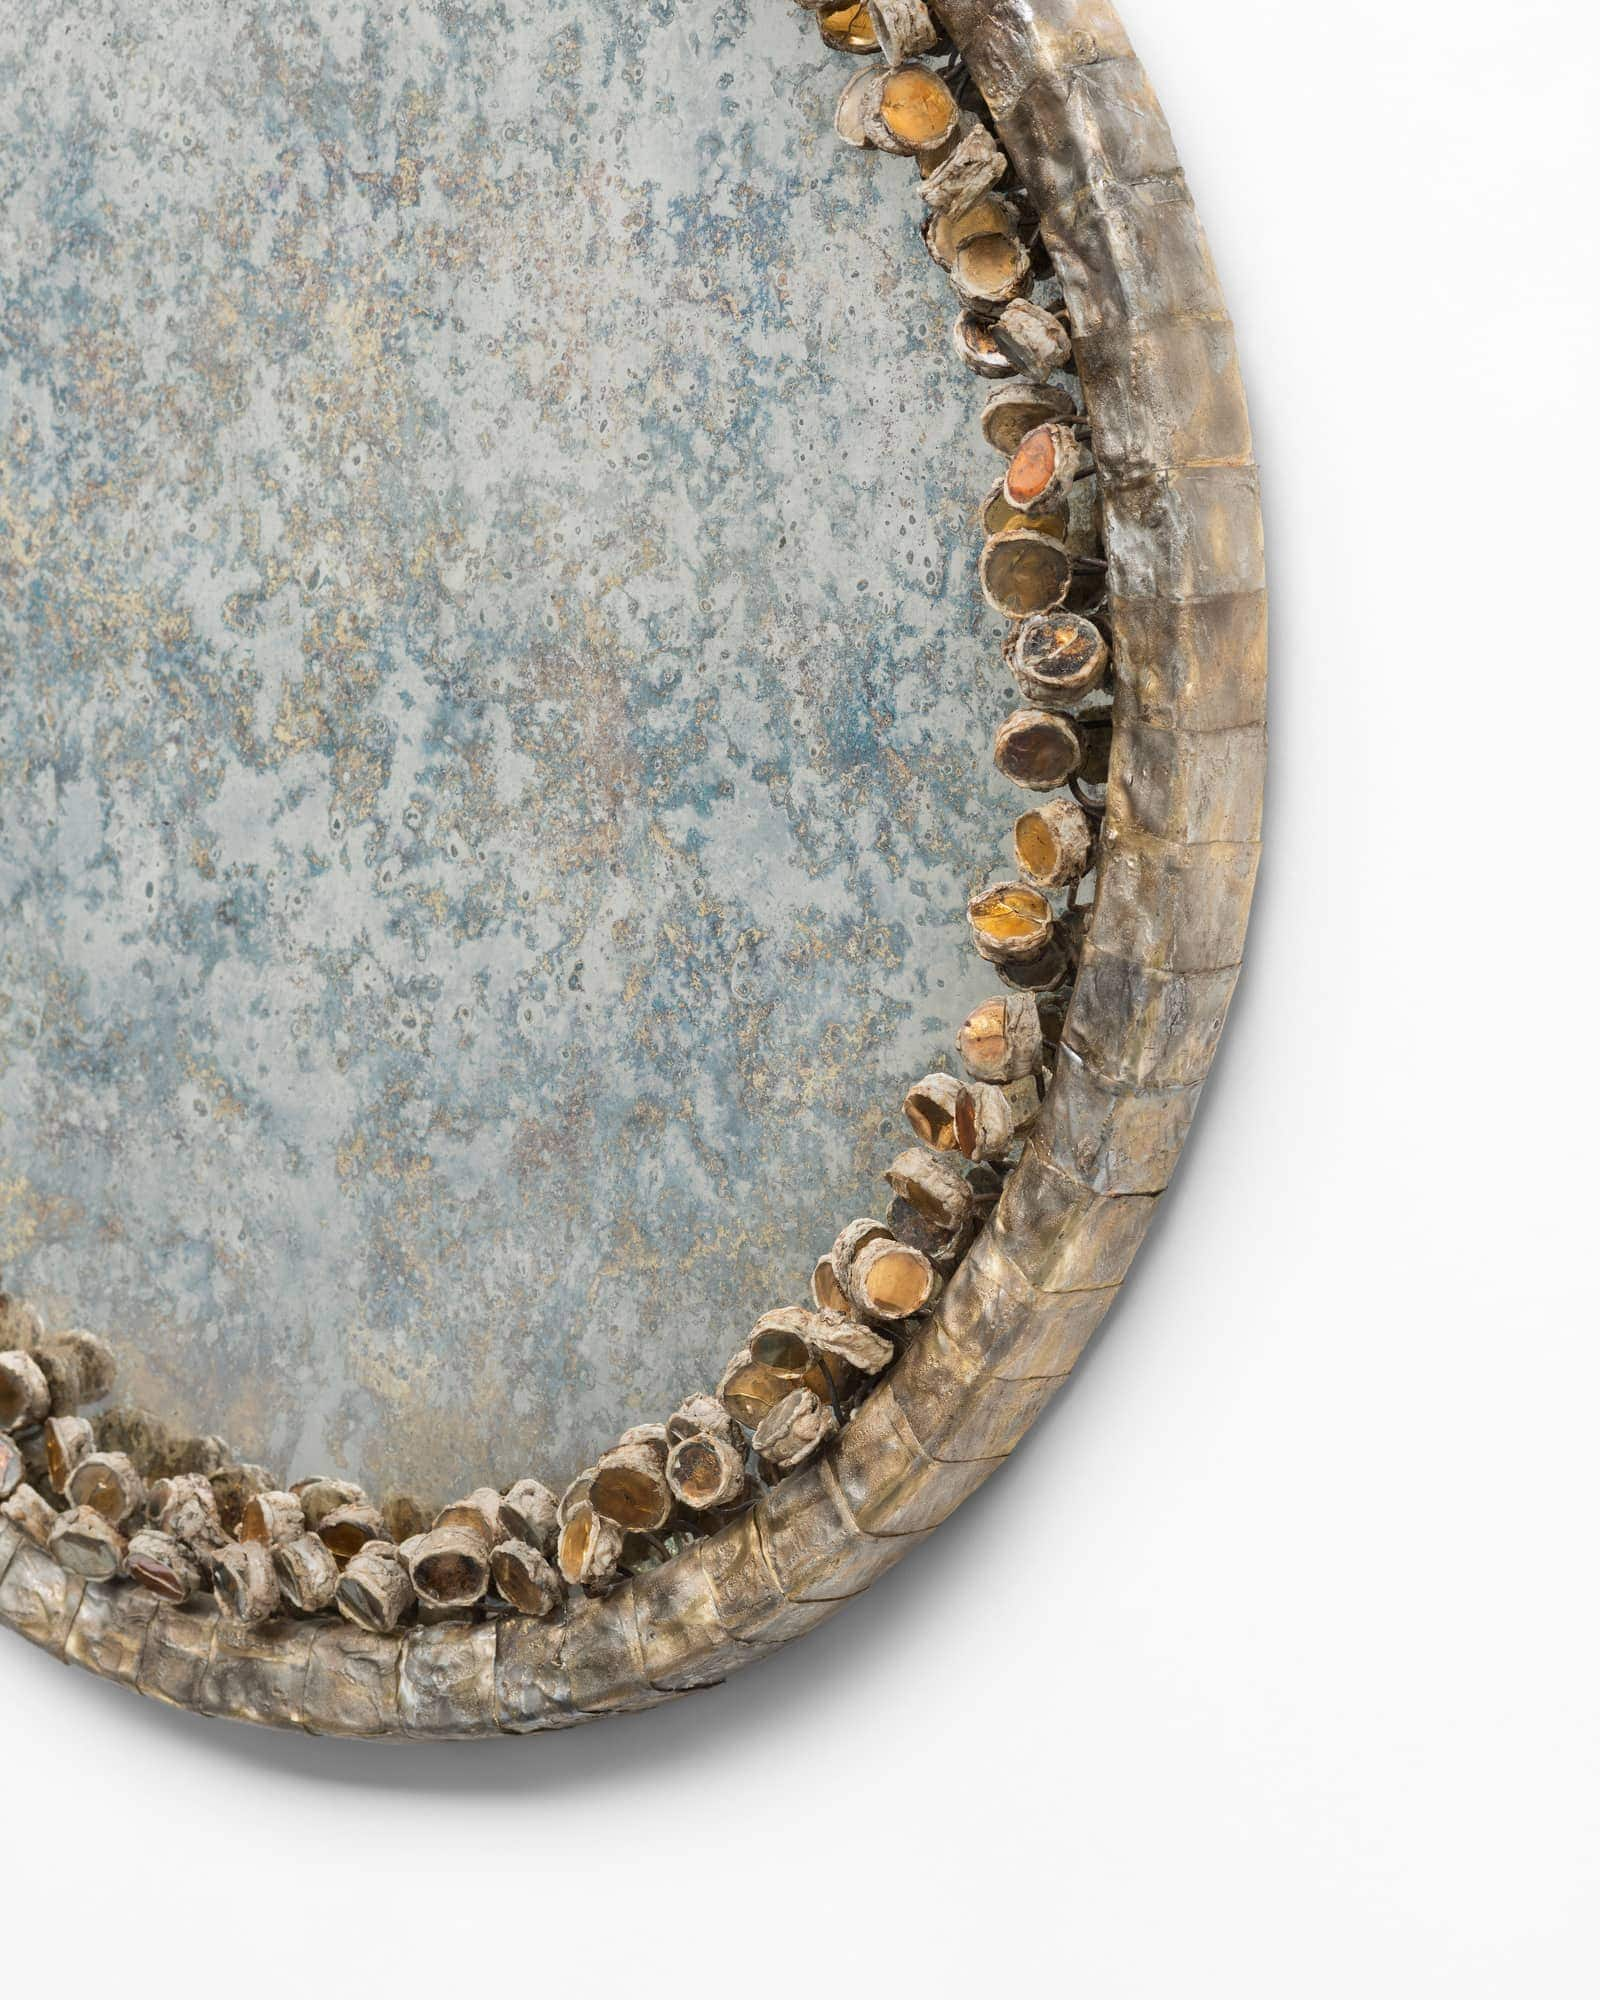 Line Vautrin, Très rare miroir «Cailloux oxydés» (vendu), vue 03